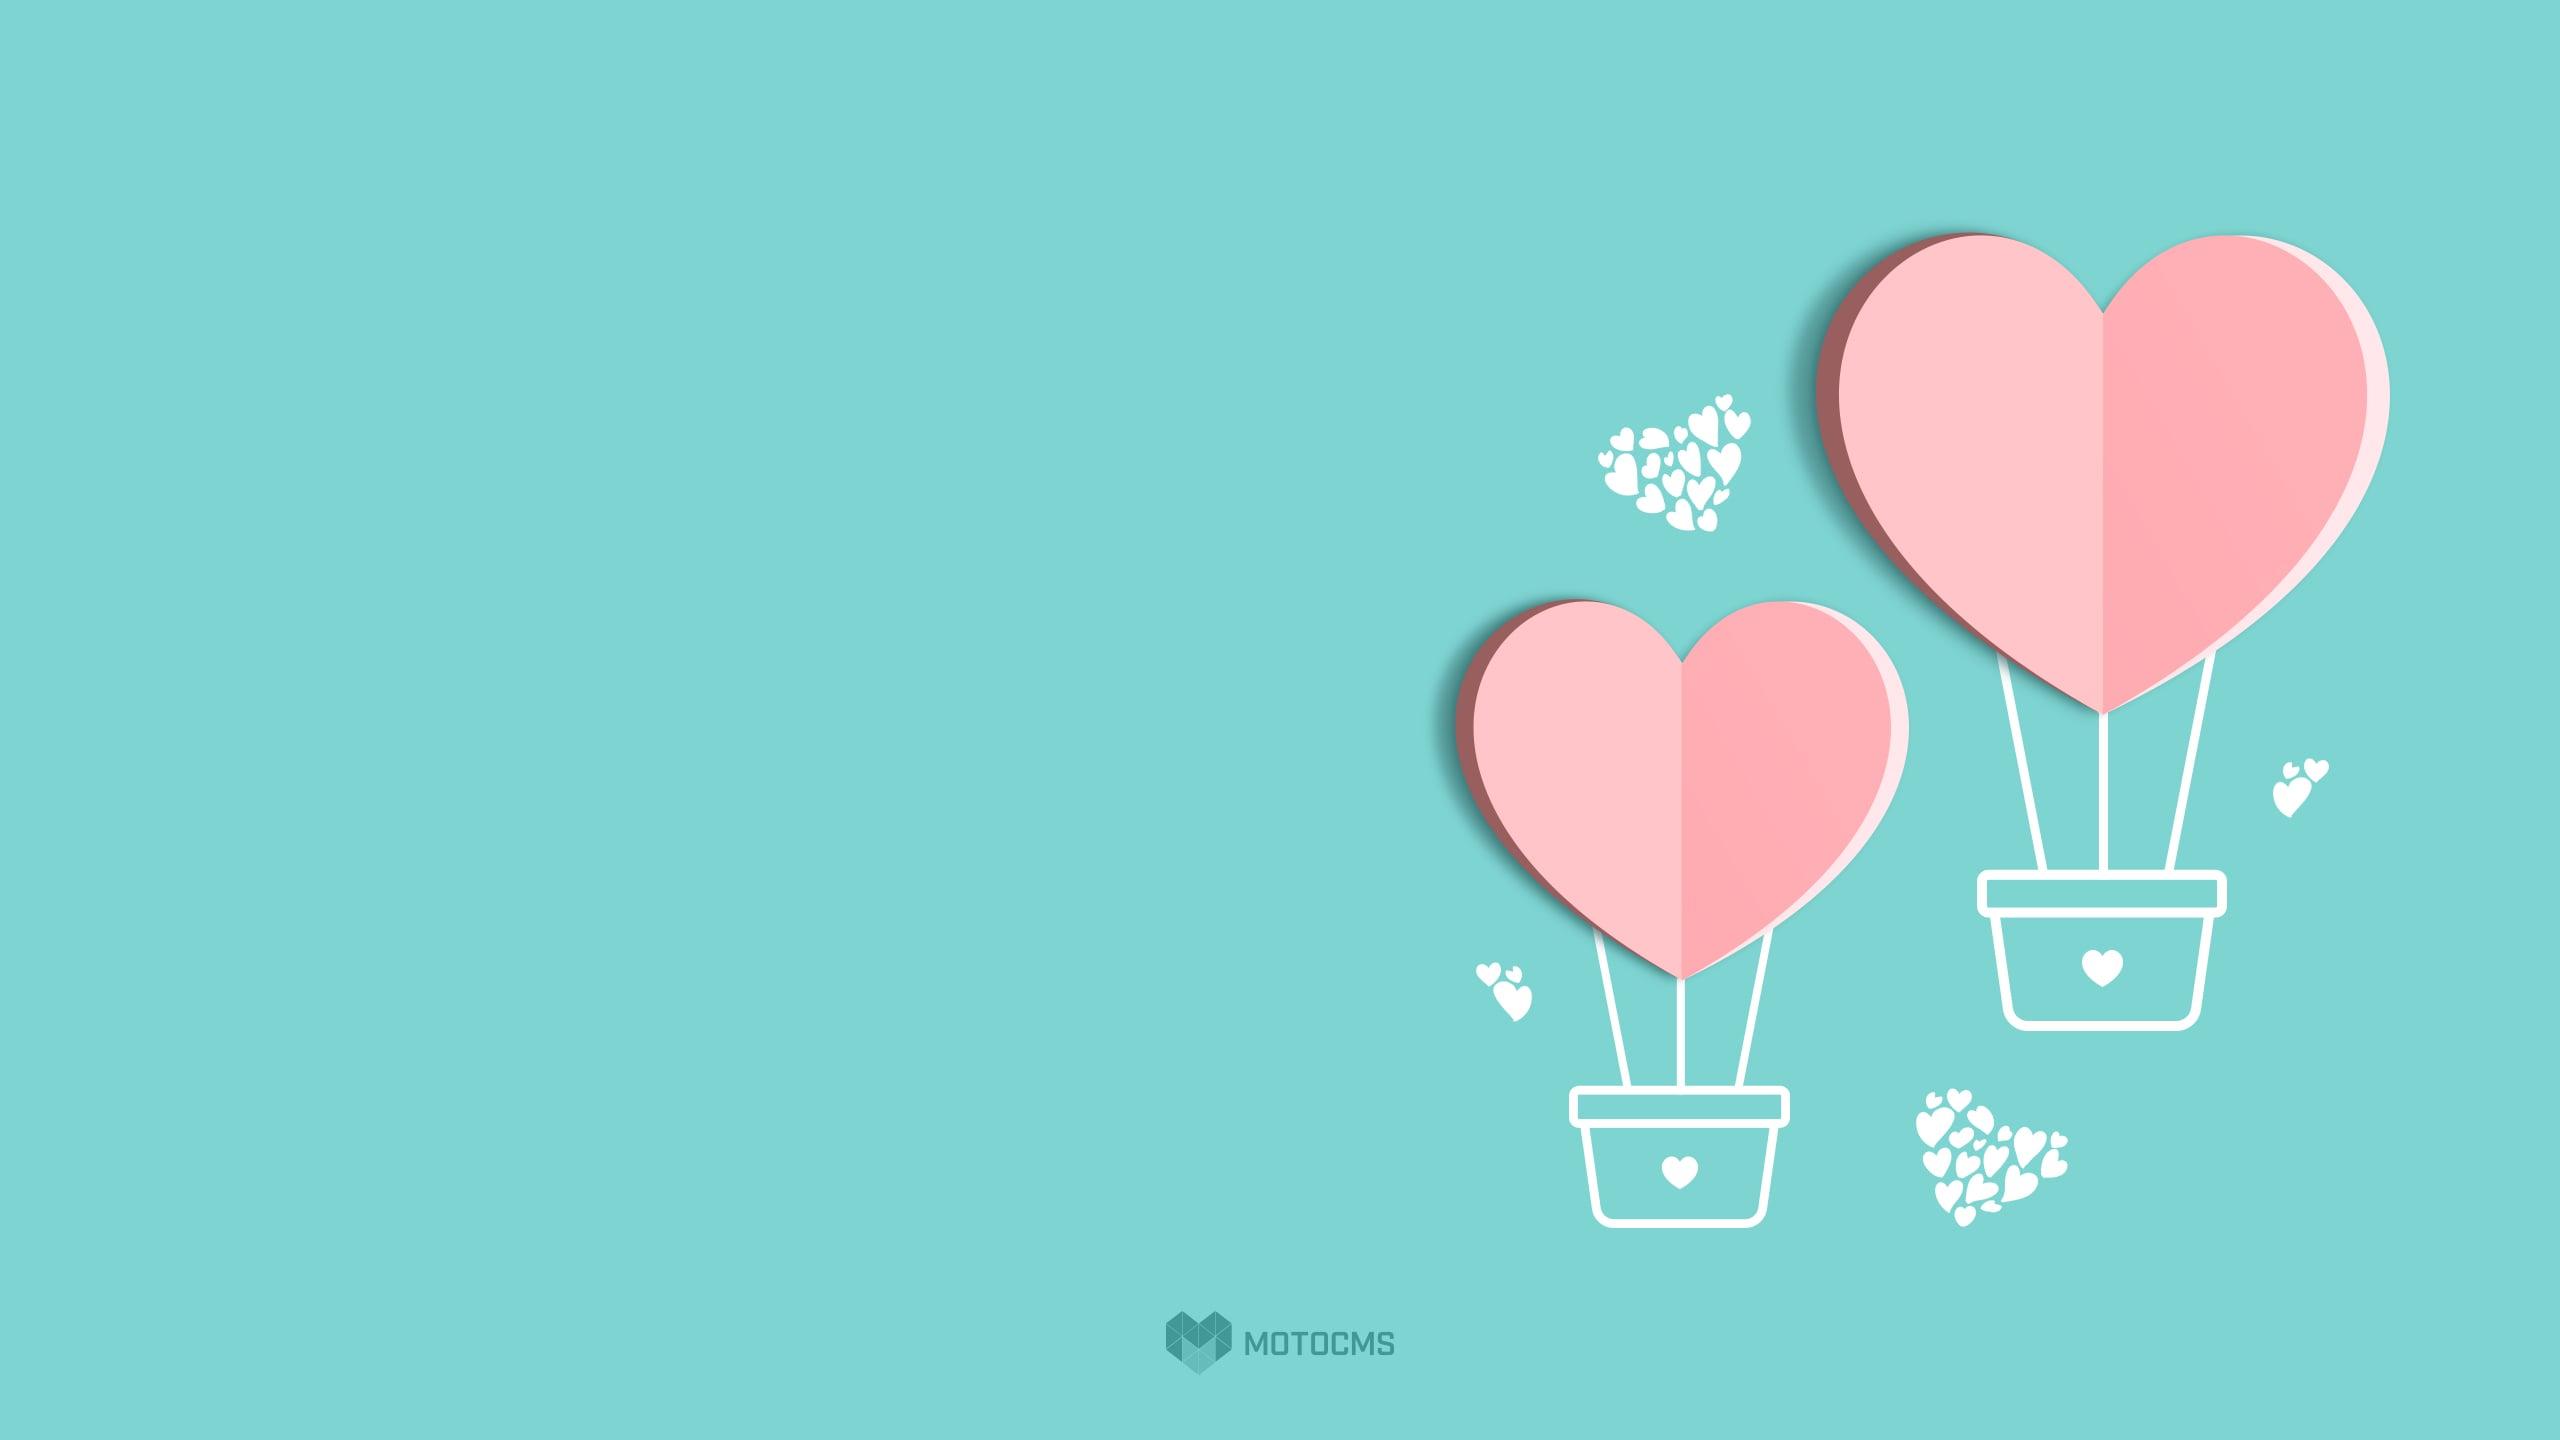 Ladet dieses Wallpaper zum Valentinstag kostenlos herunter